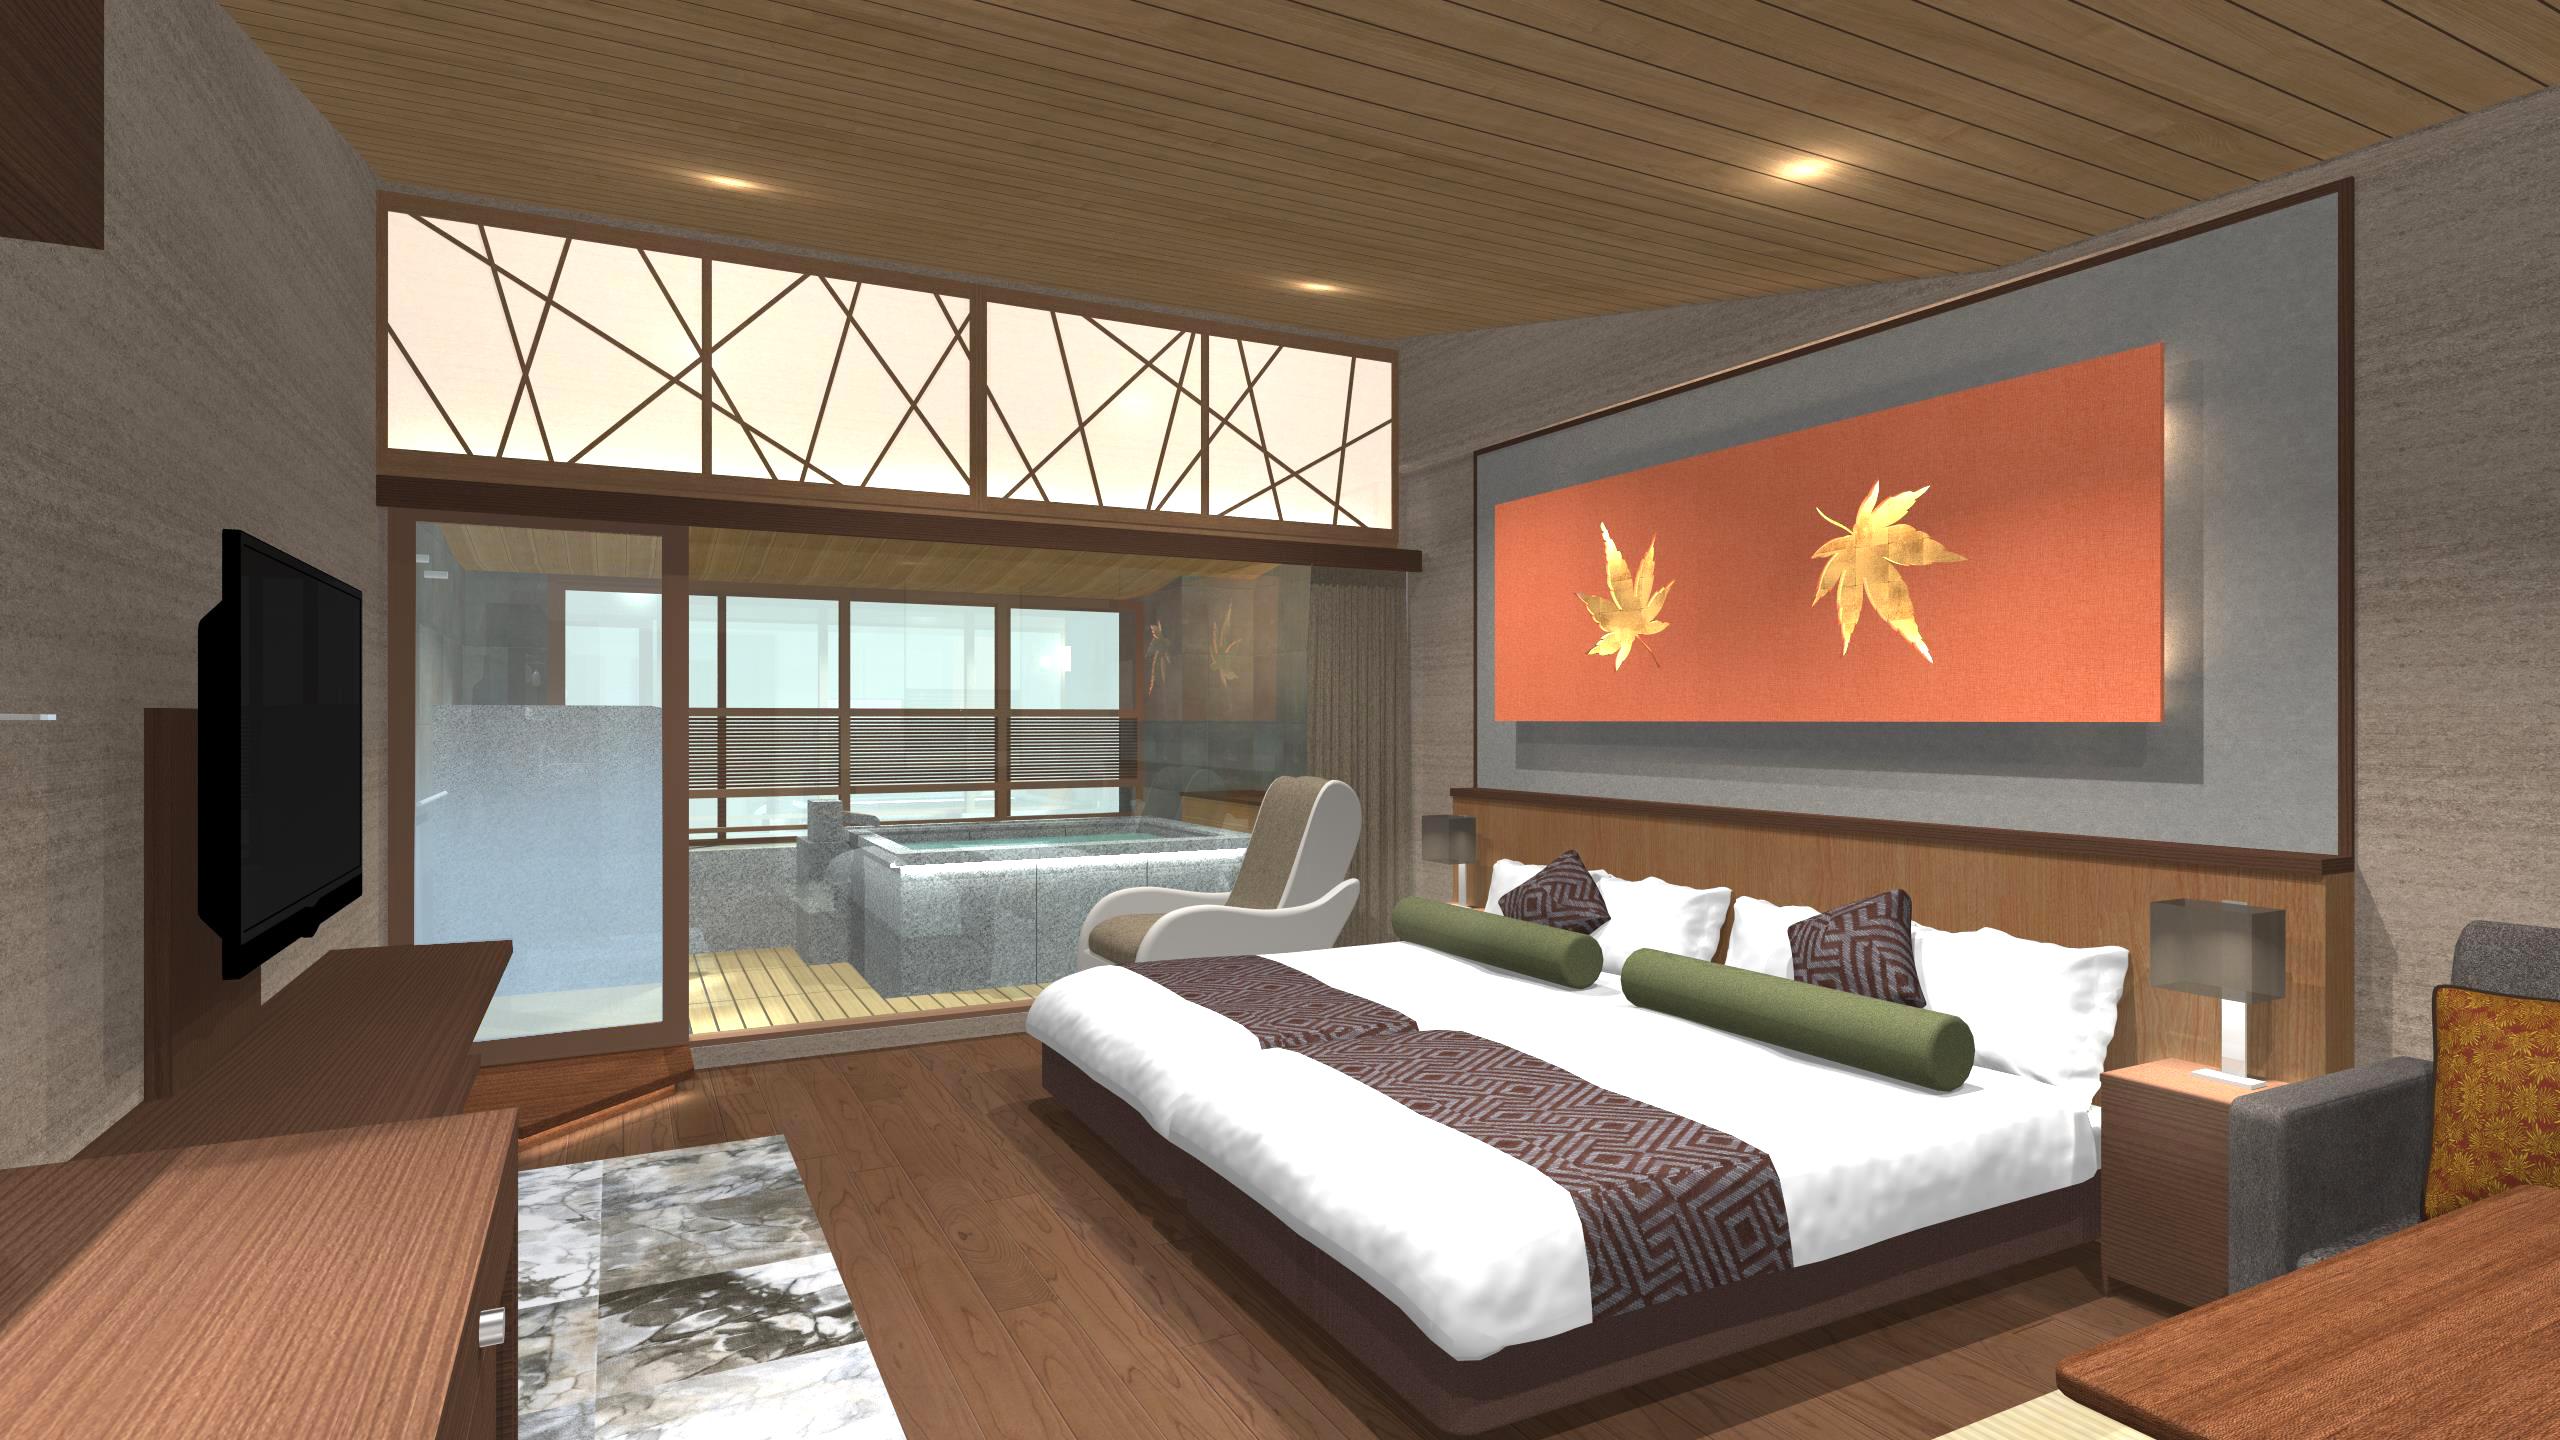 【世界遺産の島 宮島】新しい半露天温泉付き客室が誕生!老舗旅館 錦水館の挑戦。